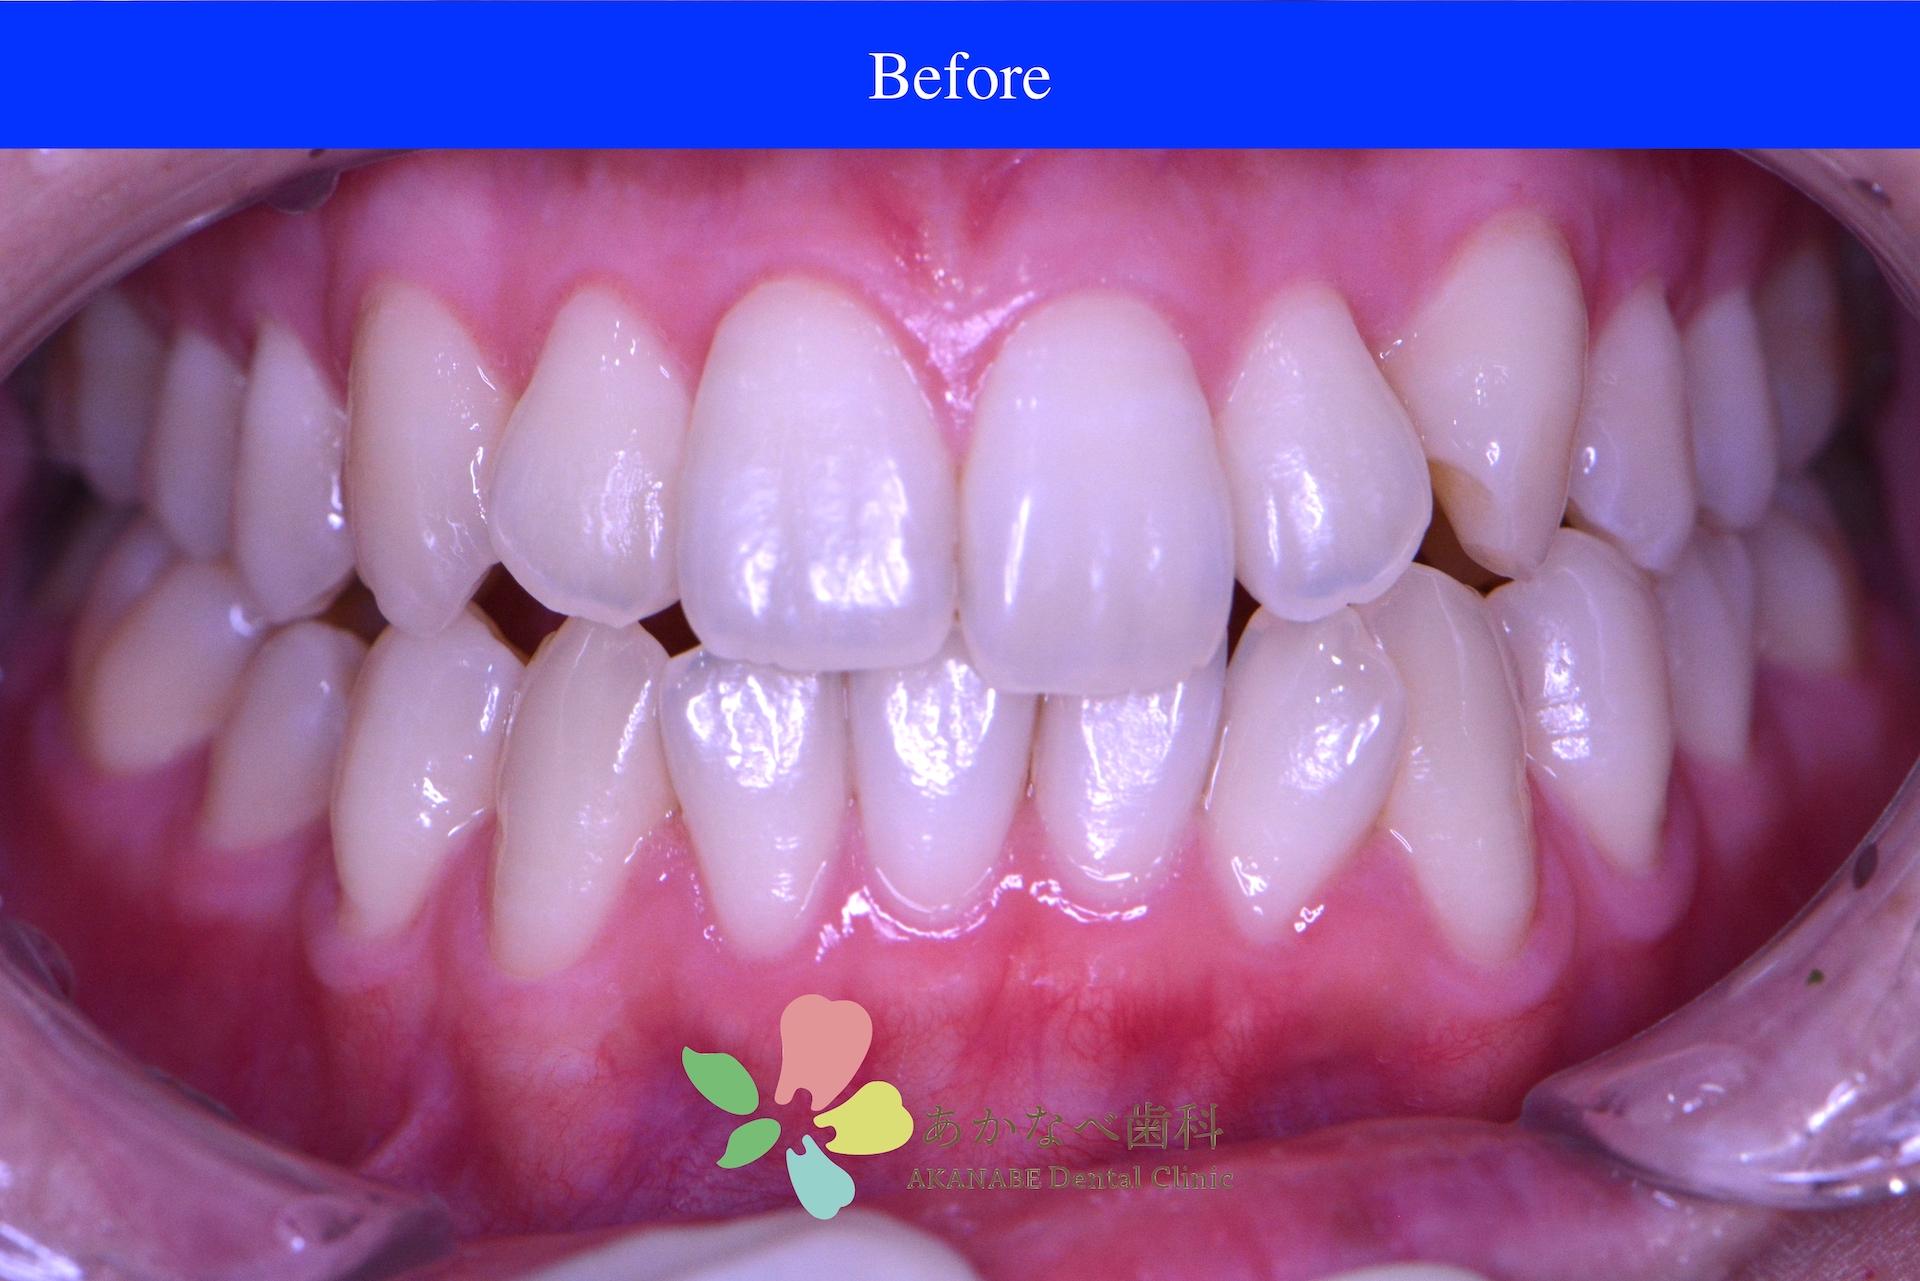 あかなべ歯科_ホワイトニング_20210125_術前